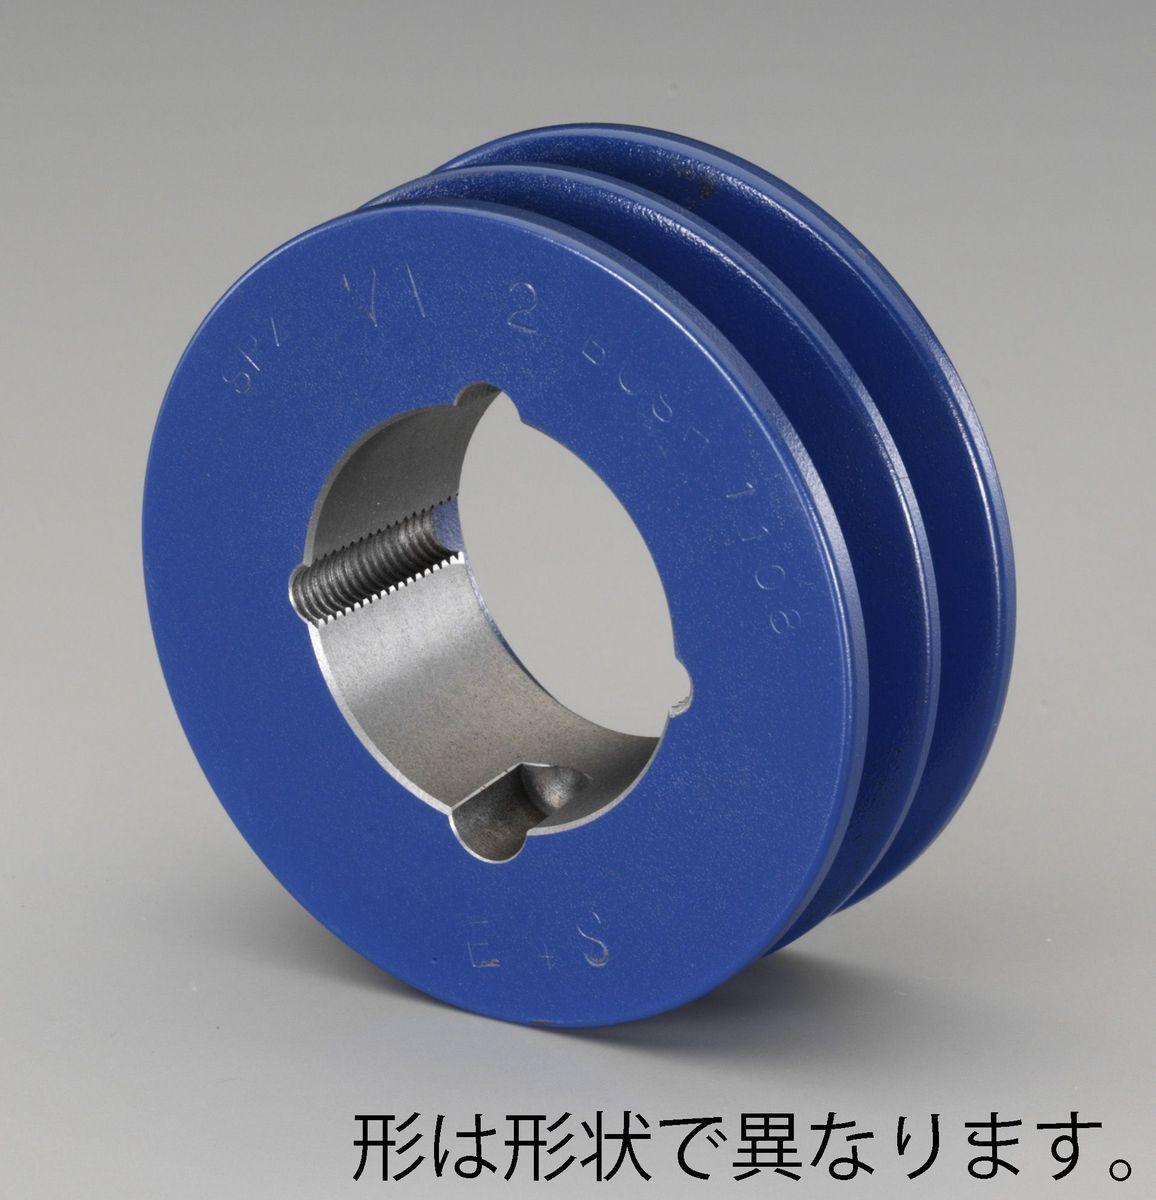 【メーカー在庫あり】 エスコ ESCO 150mm 2本構 Vプーリー SPプーリー/41U 000012266099 JP店